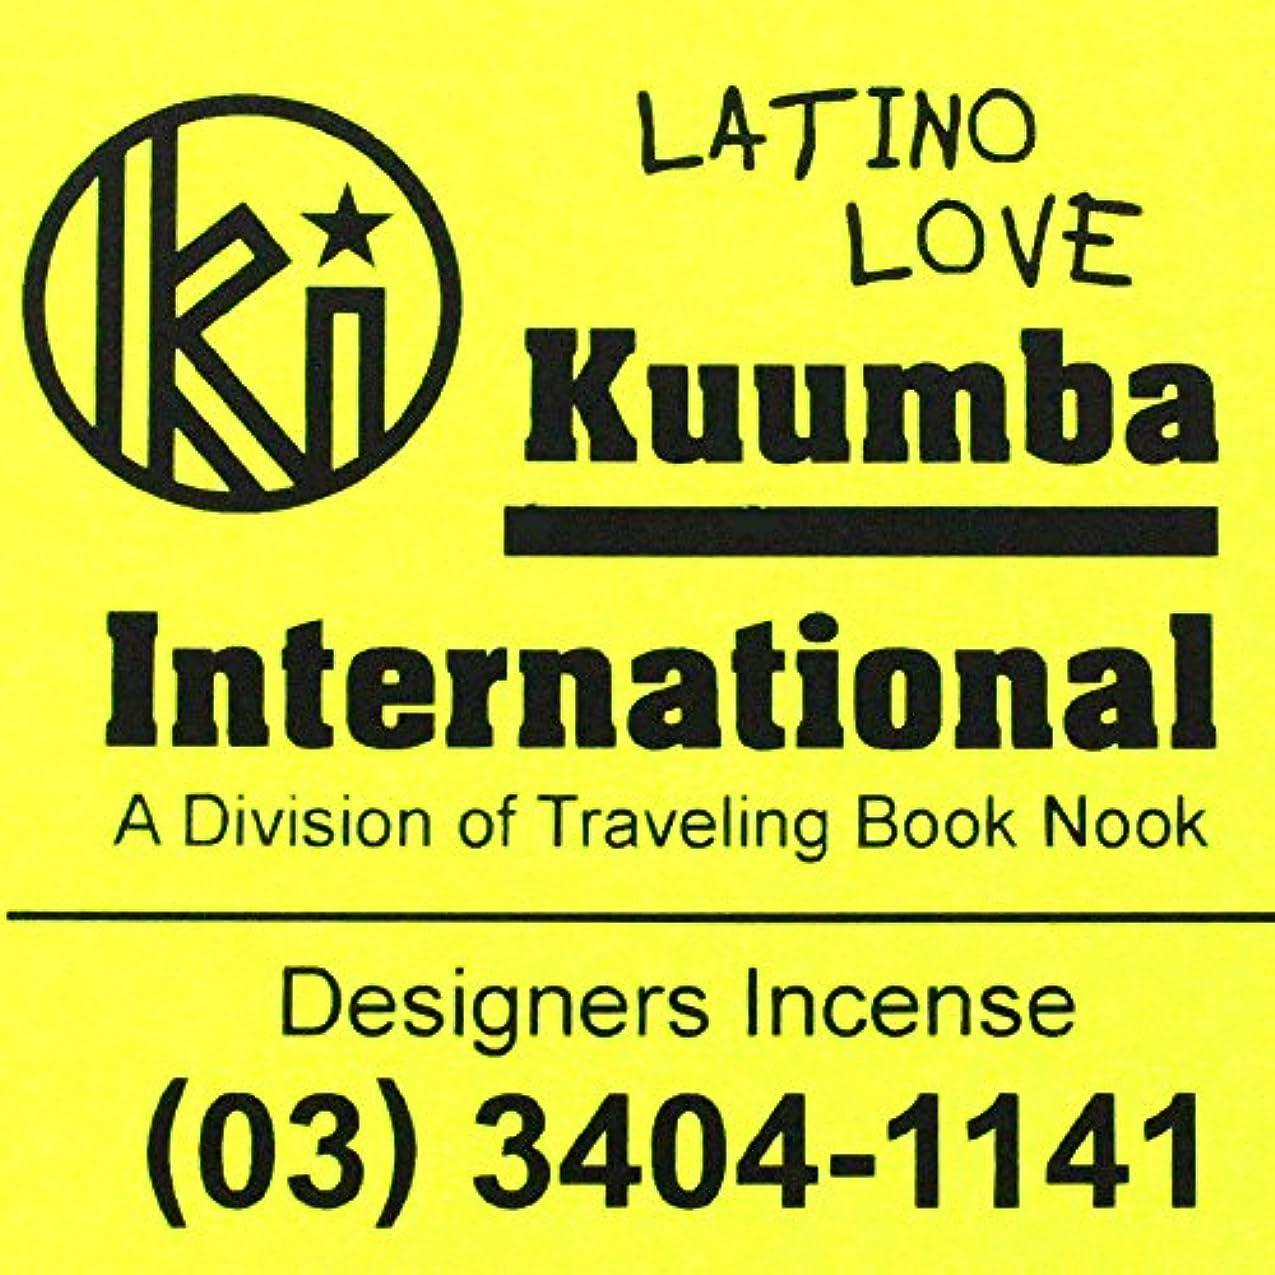 めんどり紳士印象的な(クンバ) KUUMBA『incense』(LATINO LOVE) (Regular size)